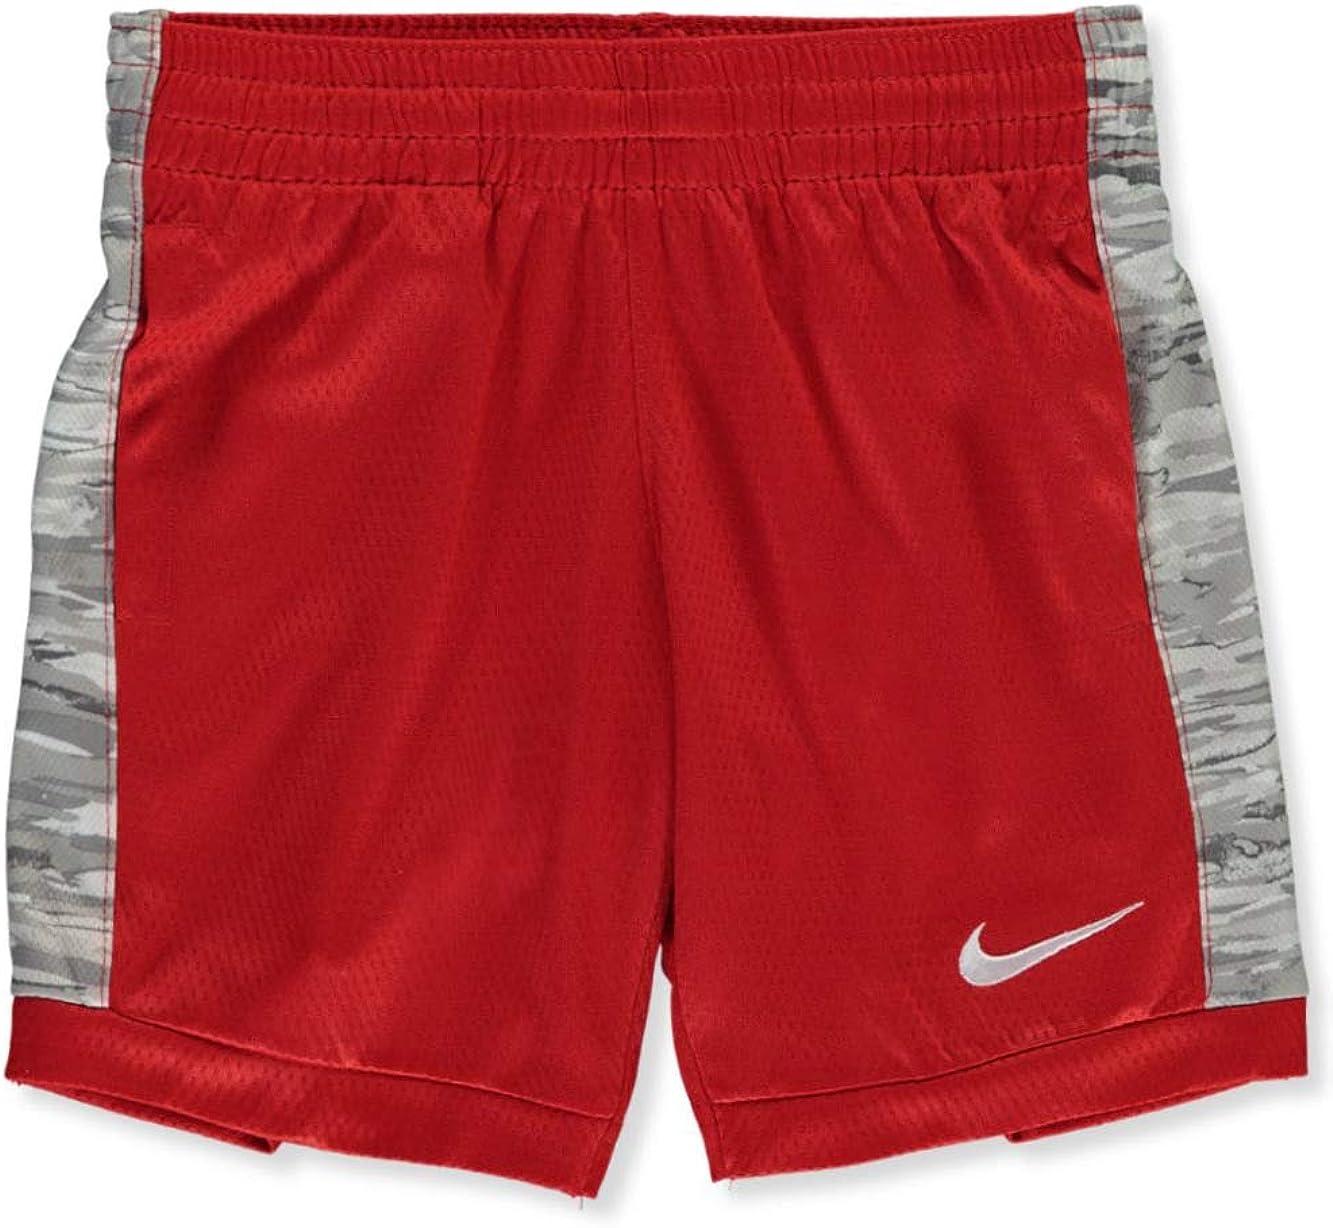 Nike Shorts, Blue Shadow, Large